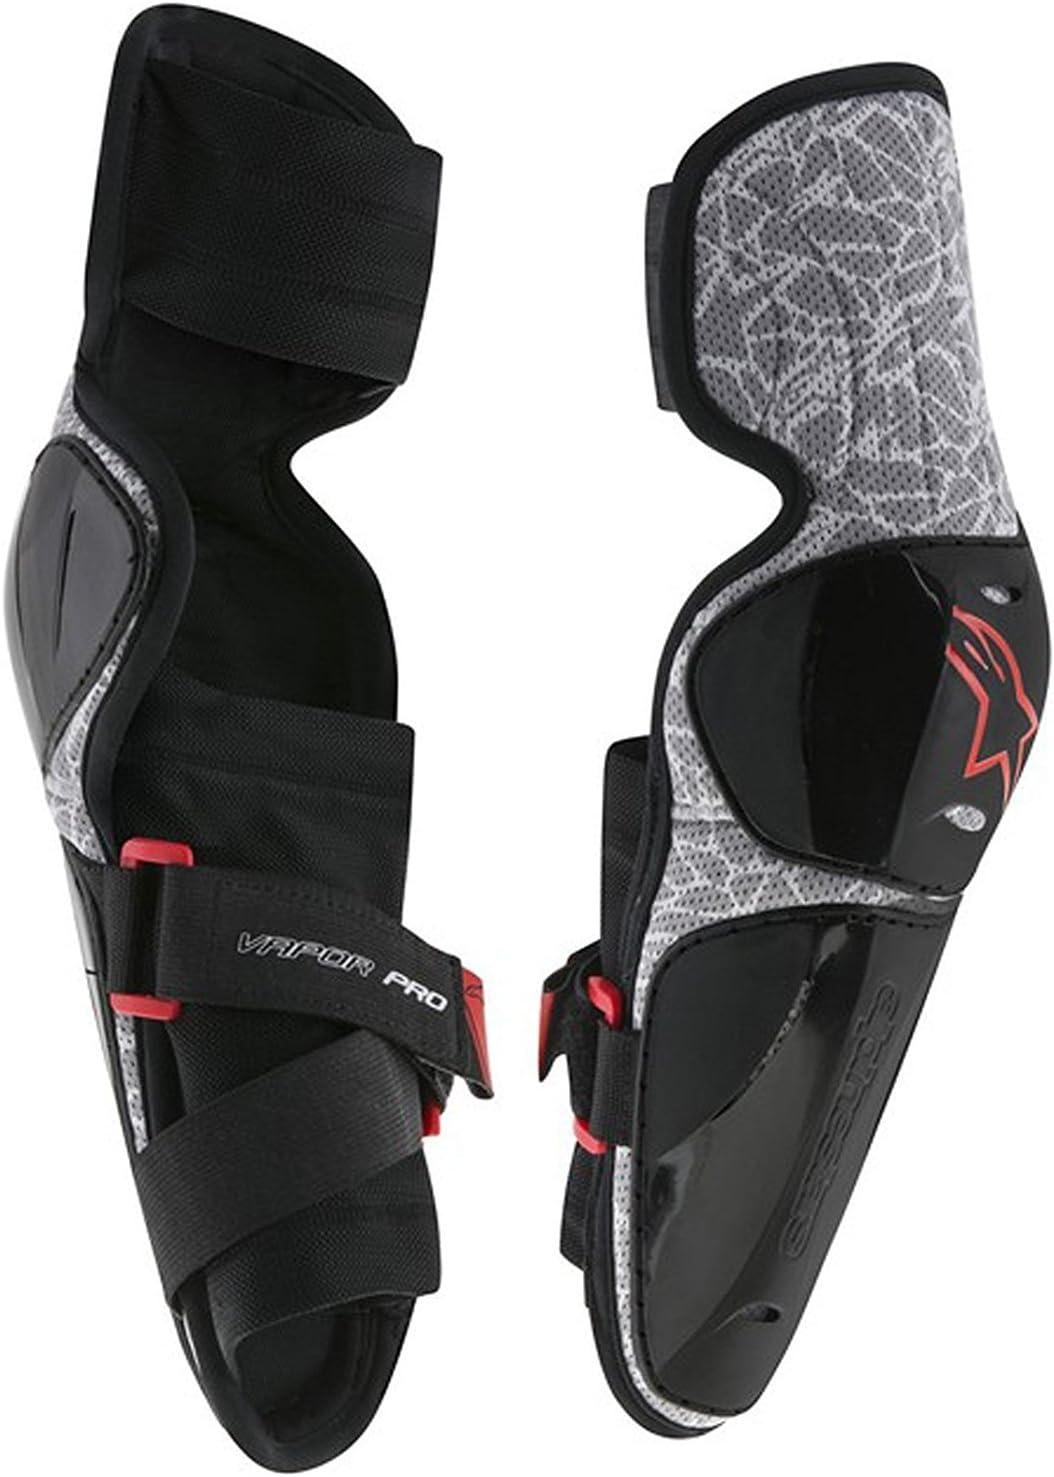 Alpinestars Vapor Pro Elbow Guard Black//Gray